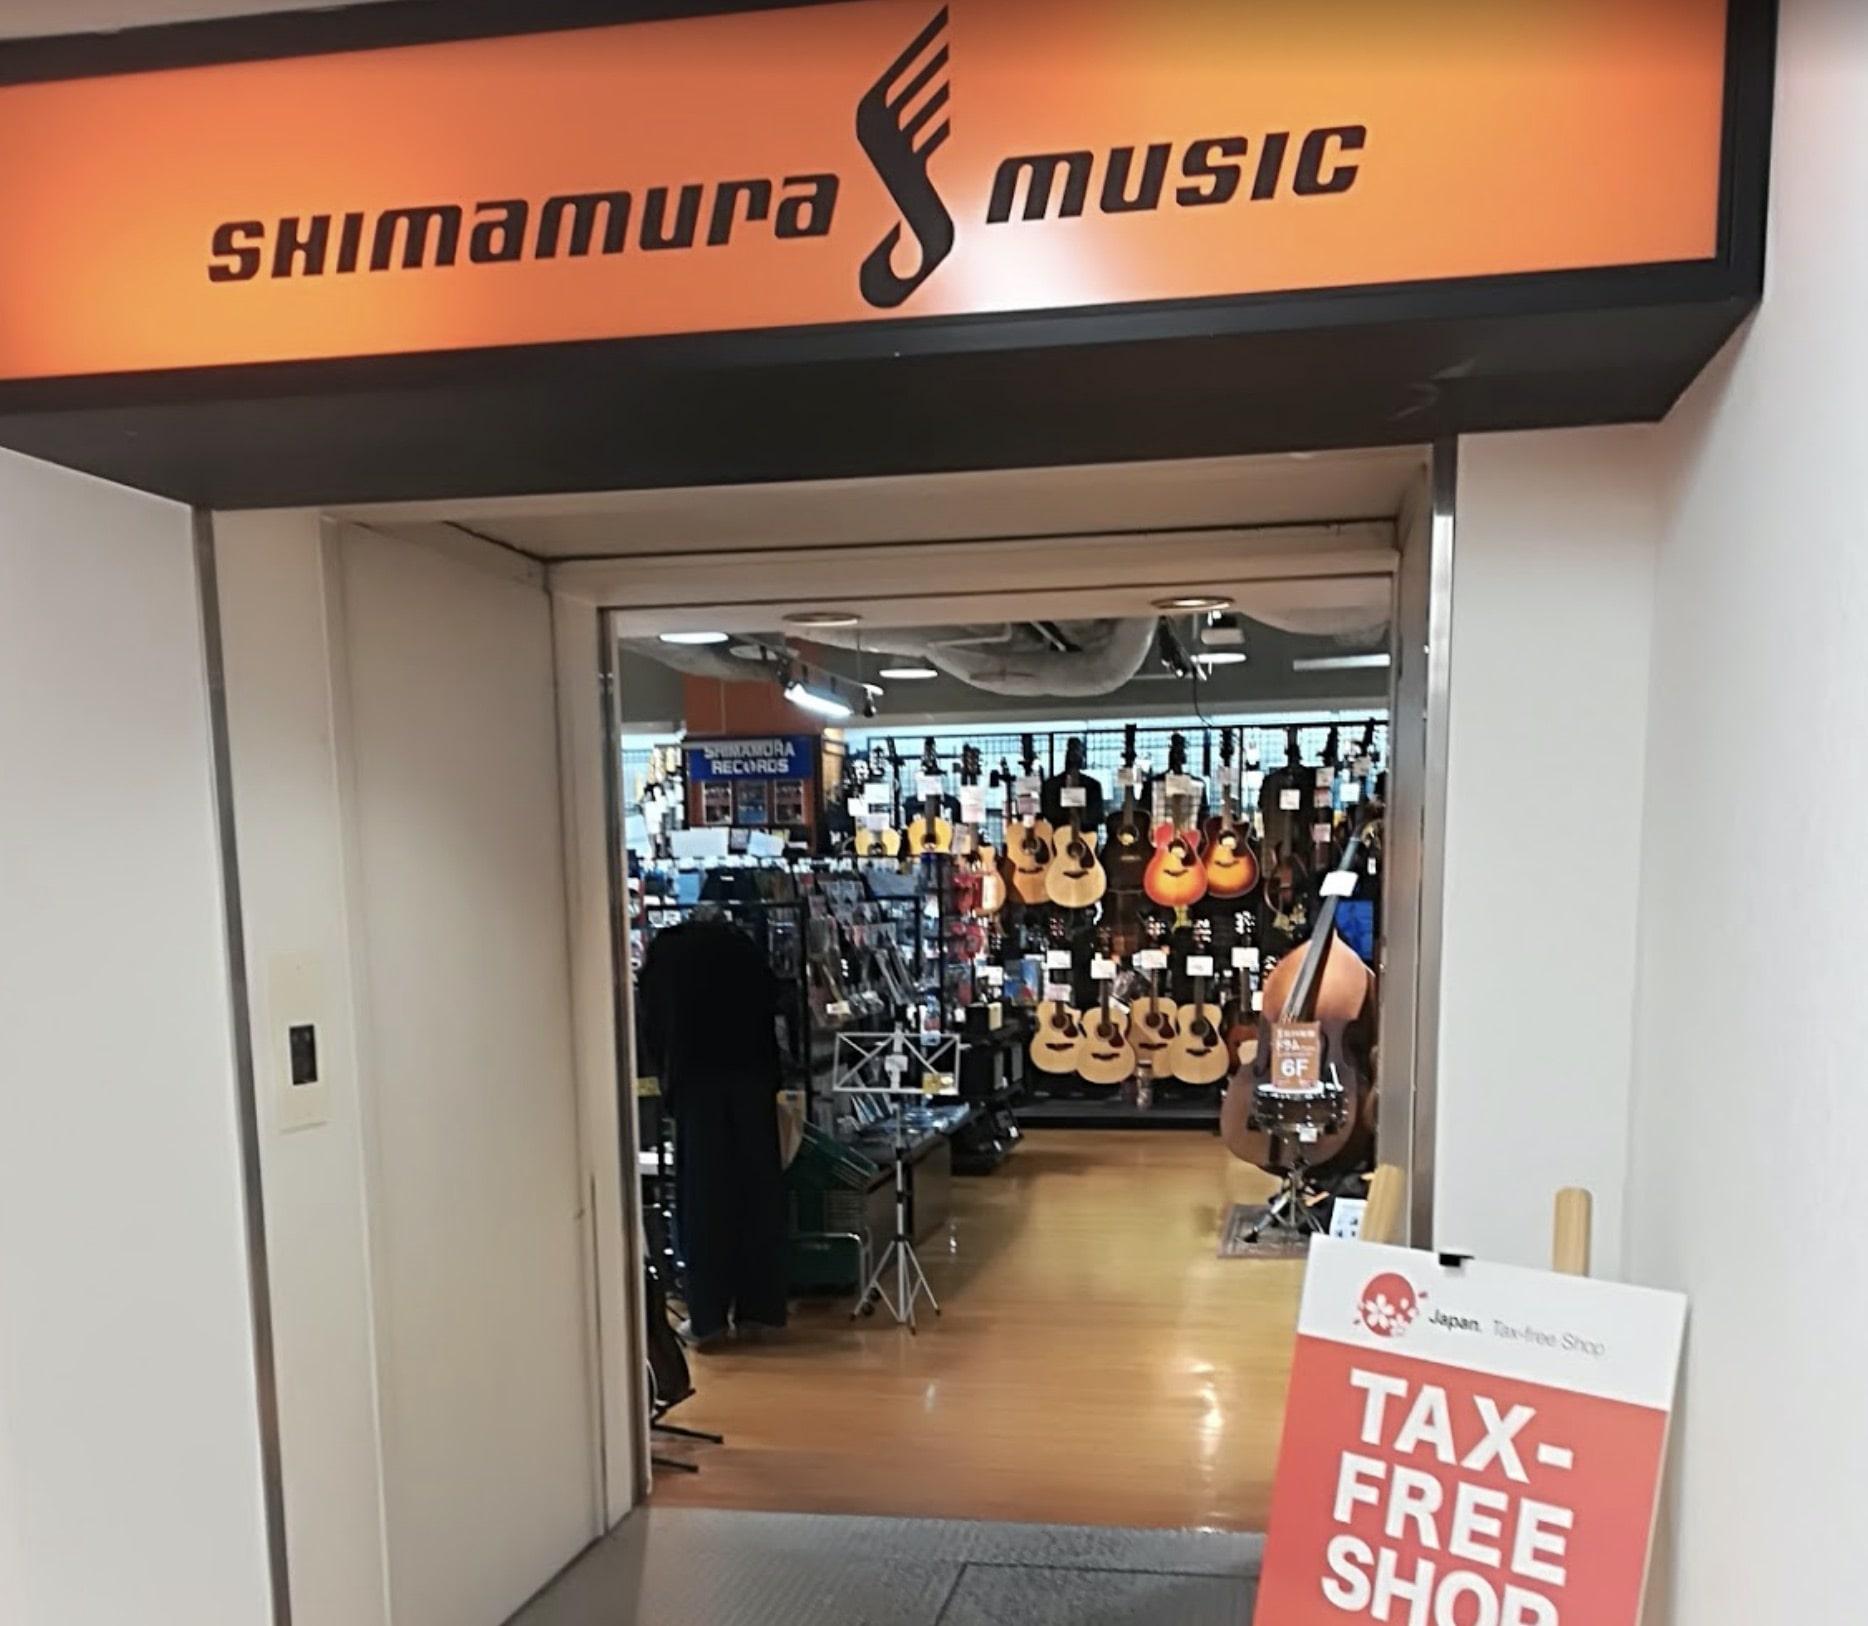 島村楽器パルコ店